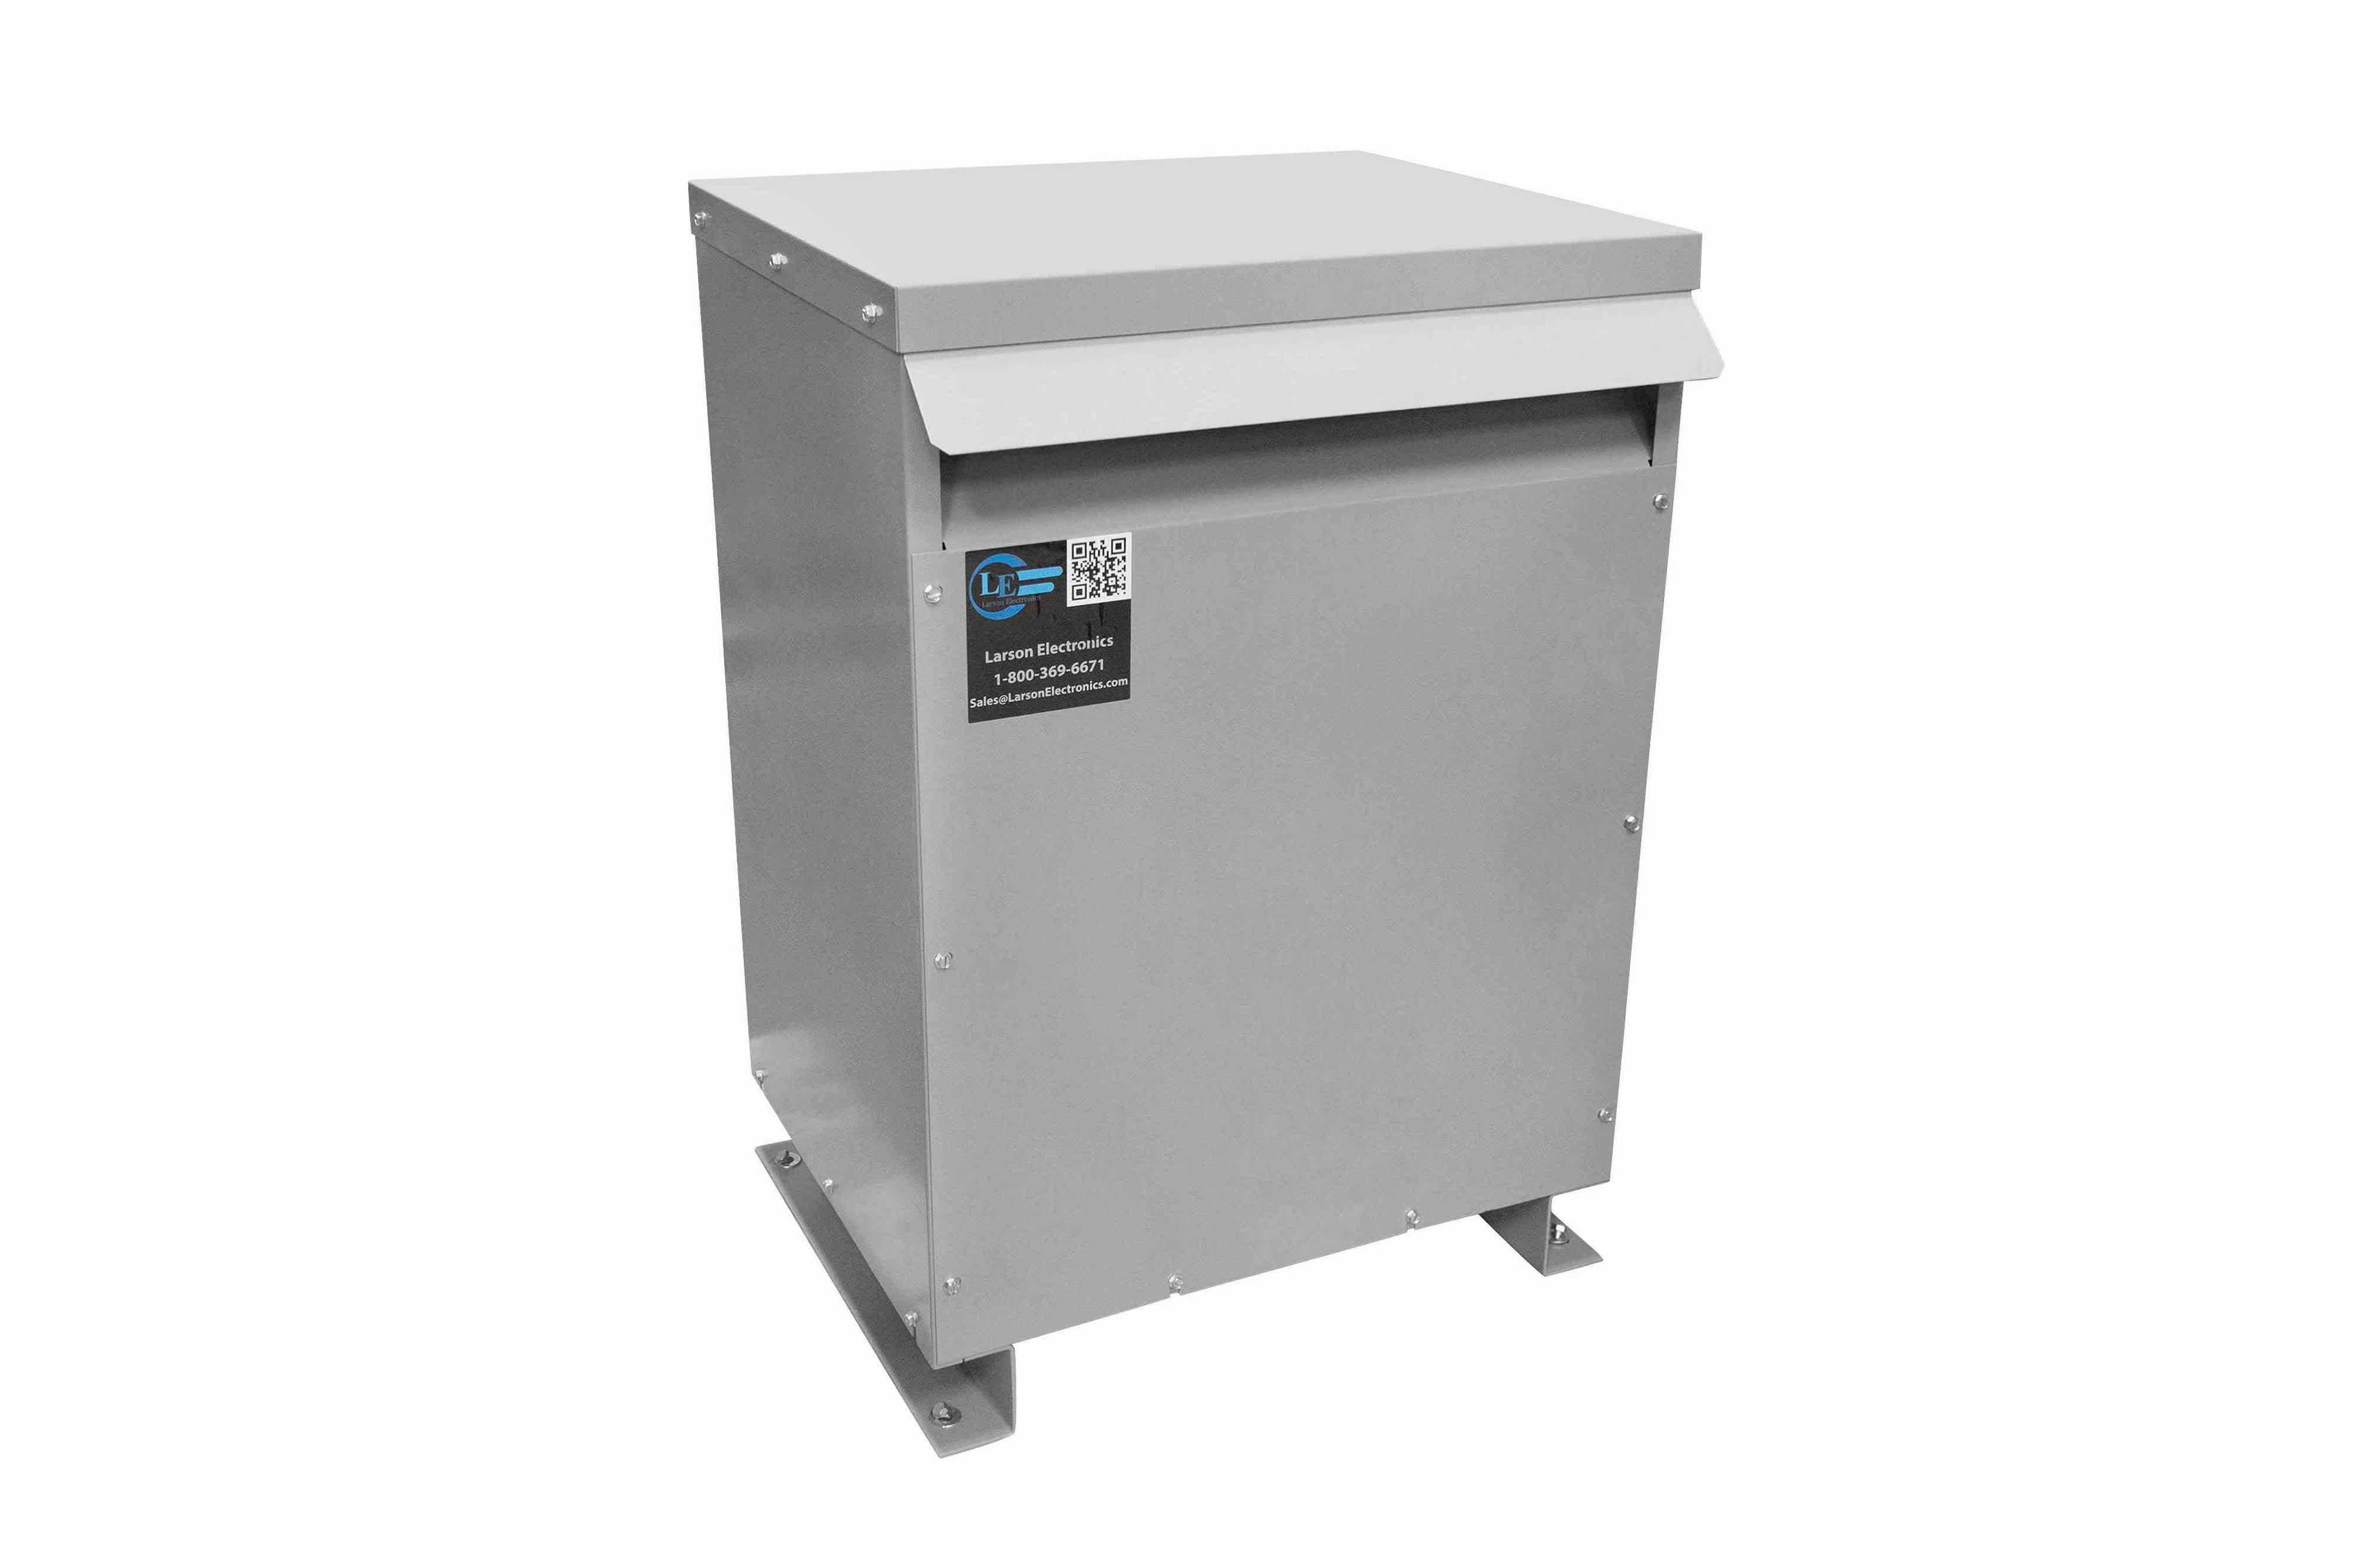 42.5 kVA 3PH Isolation Transformer, 230V Delta Primary, 480V Delta Secondary, N3R, Ventilated, 60 Hz